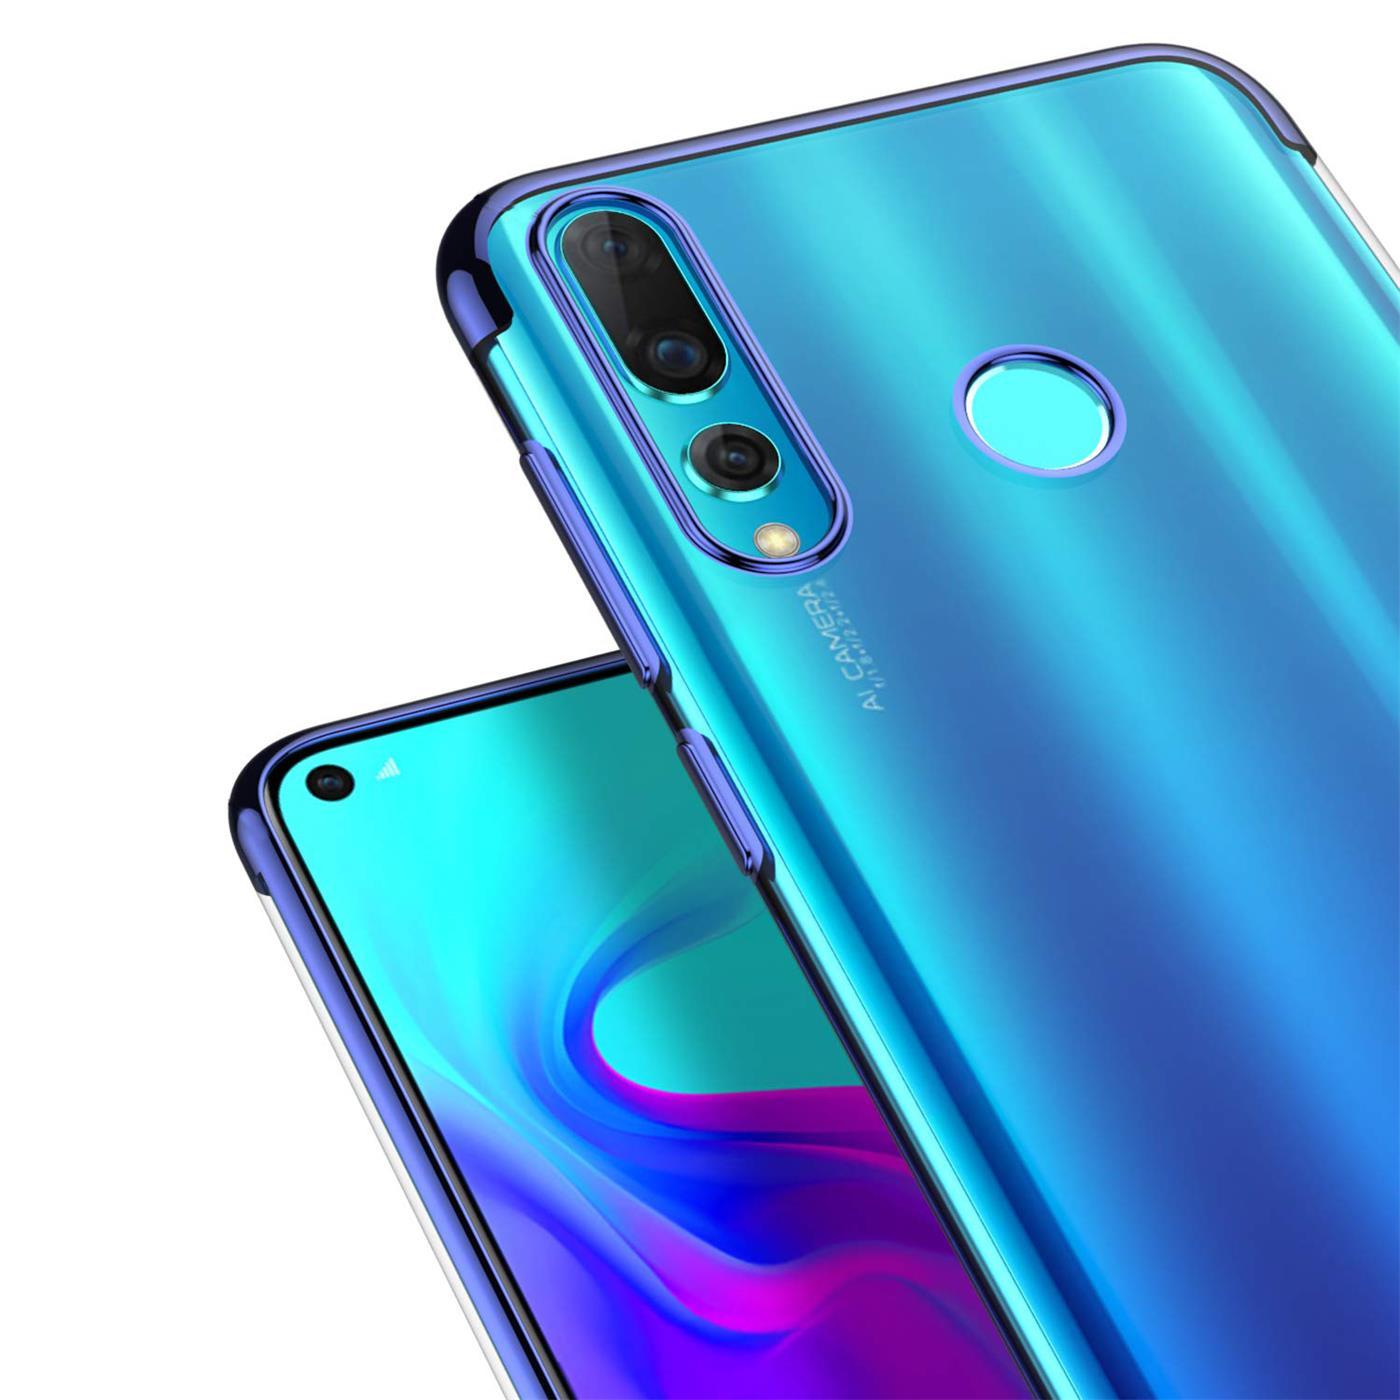 Schutzhuelle-Huawei-P30-P30-Lite-P30-Pro-Handy-Tasche-Slim-Cover-Case-Transparent Indexbild 21